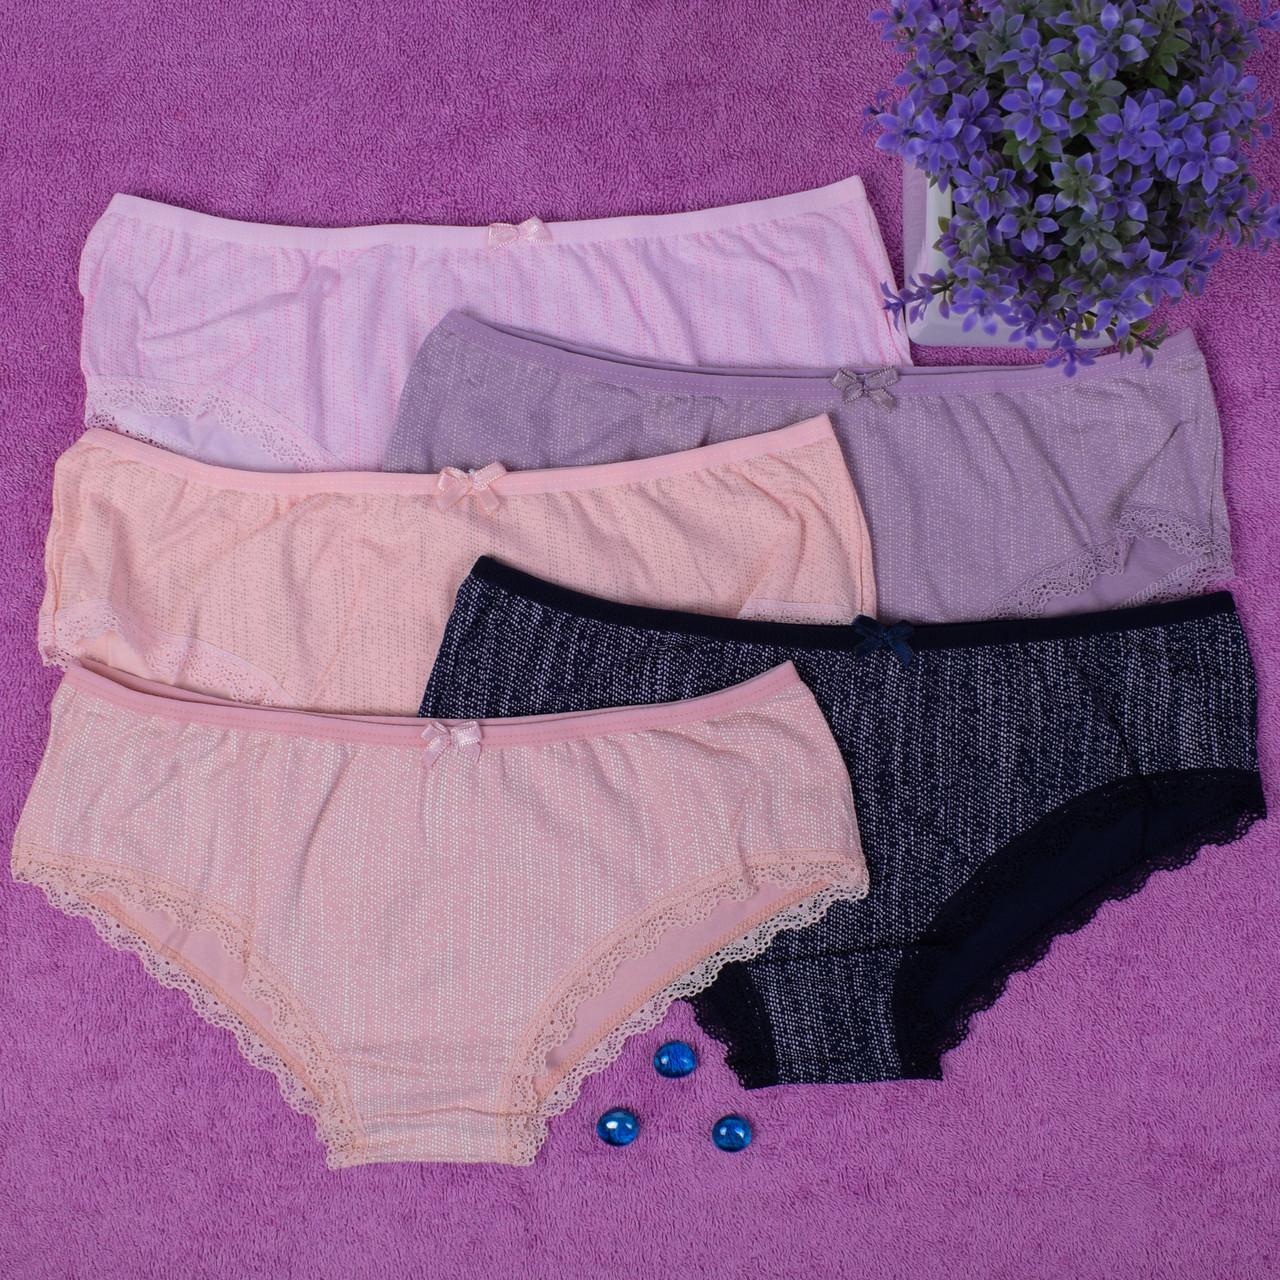 Женское нижнее белье. Donella 39395 M. Размер 44-46. В упаковке 5 шт.